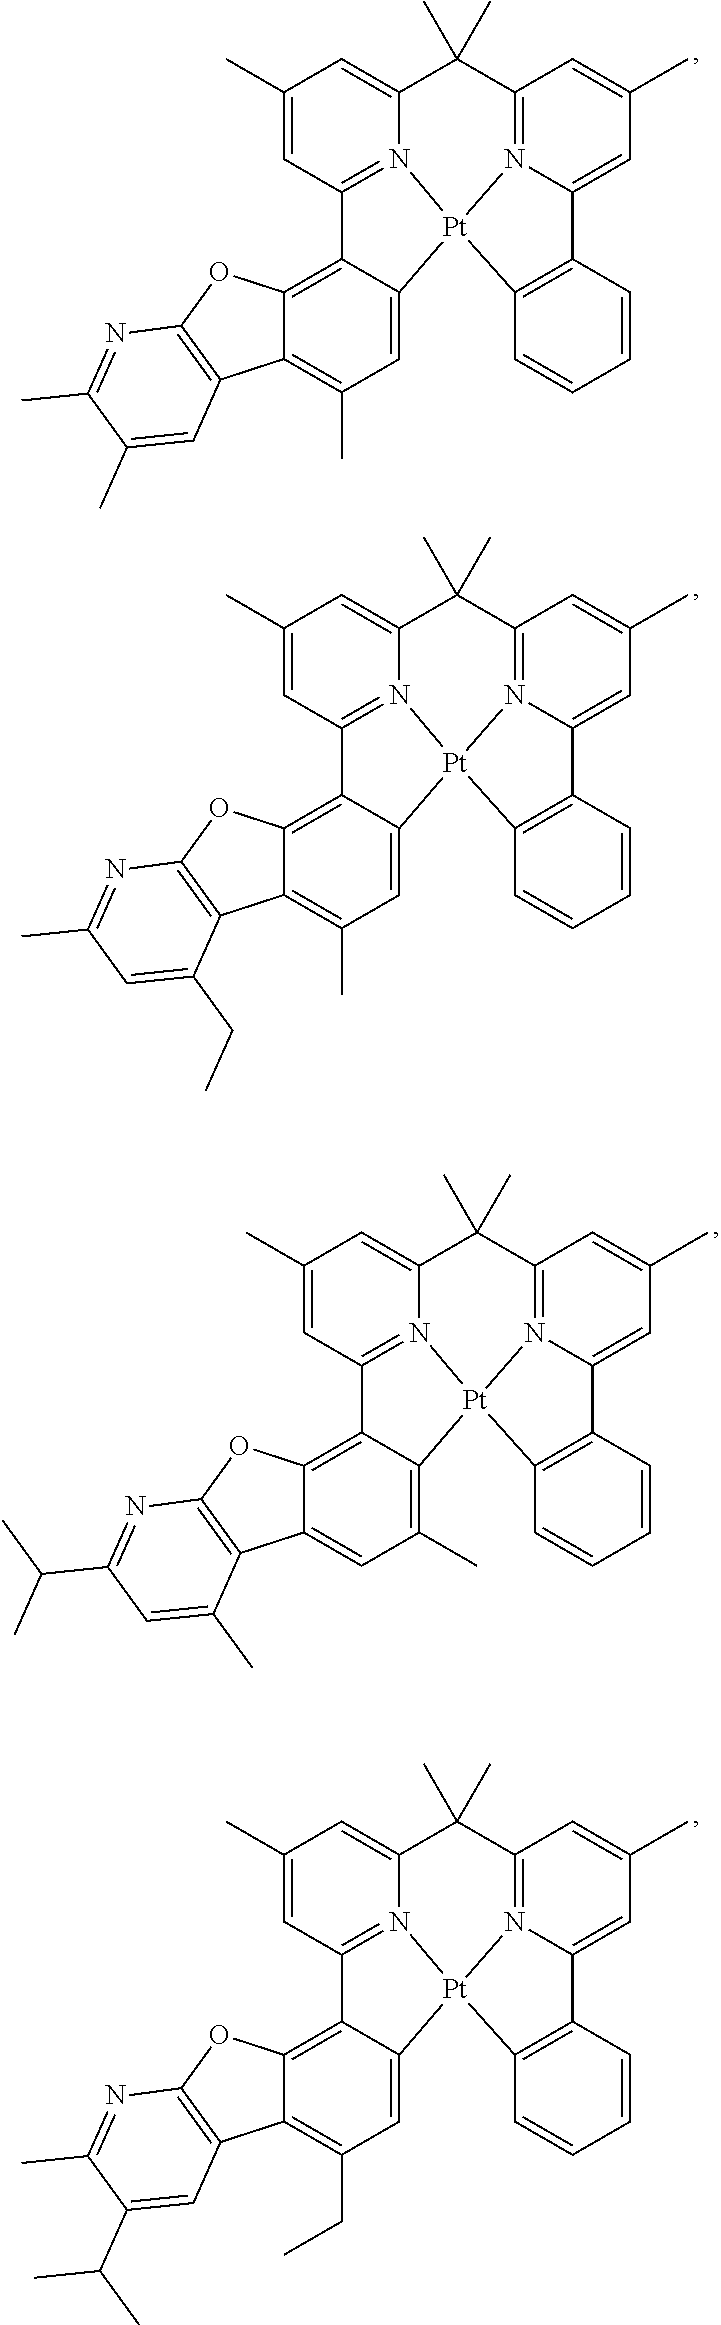 Figure US09871214-20180116-C00013